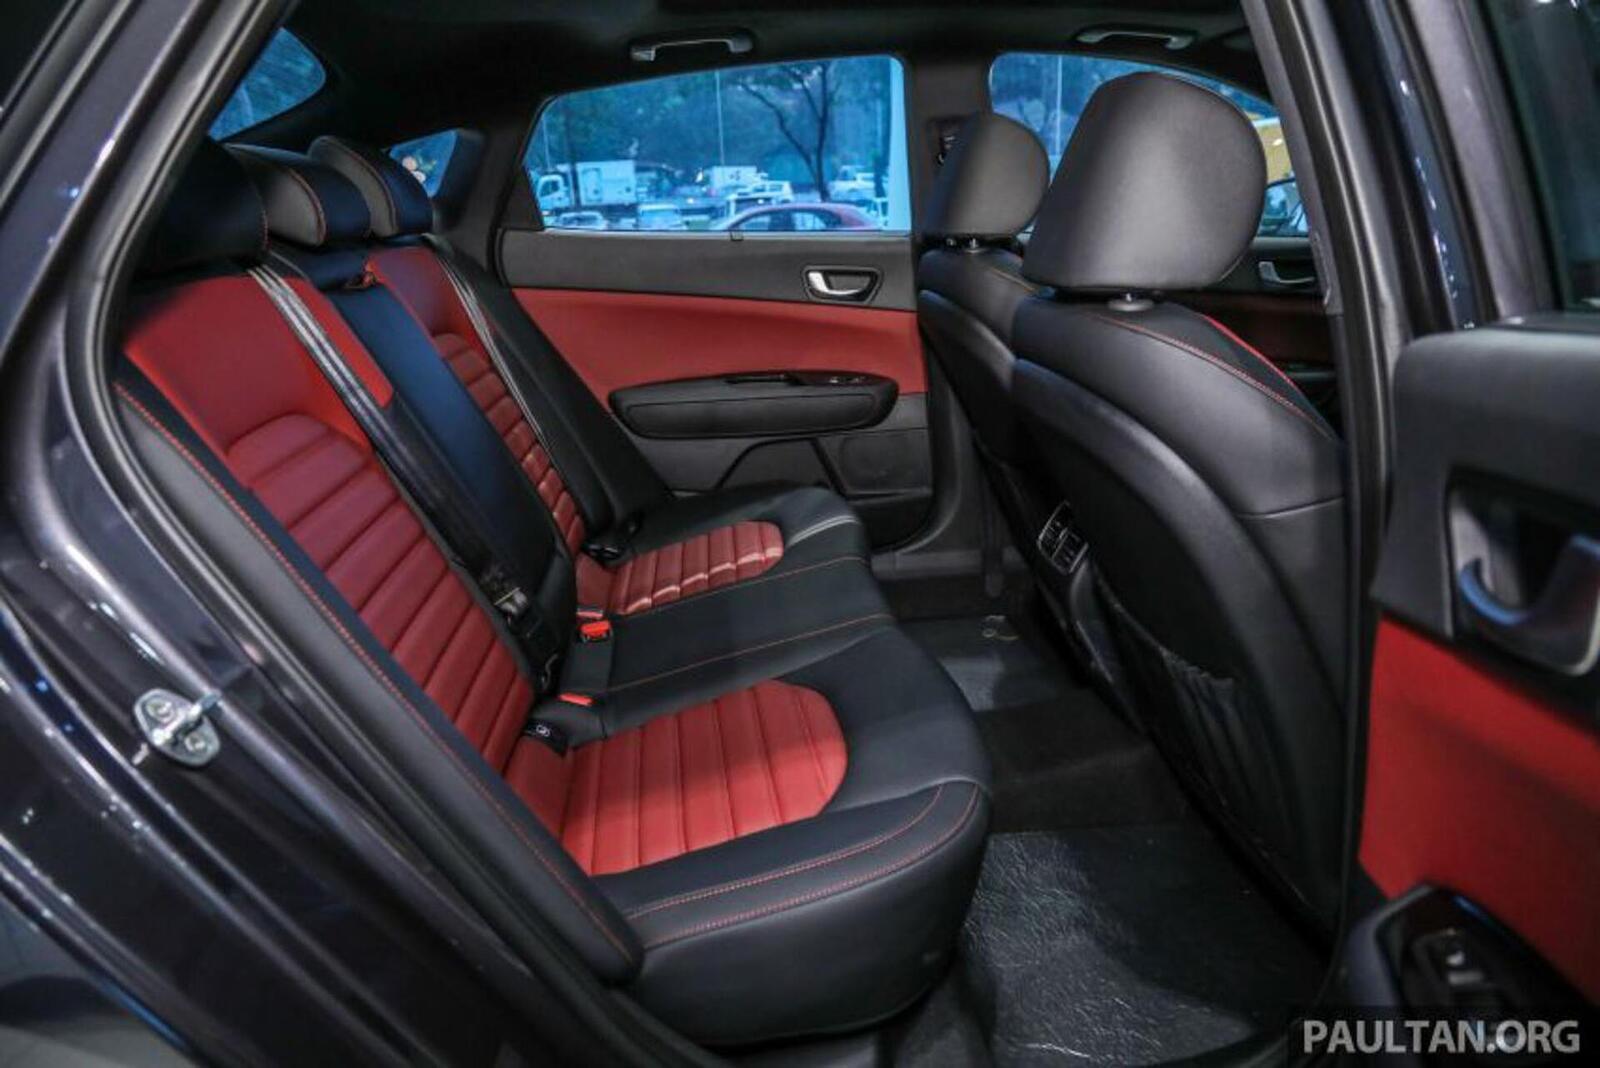 Kia Optima phiên bản nâng cấp facelift mới nhất đã có mặt tại Việt Nam - Hình 19